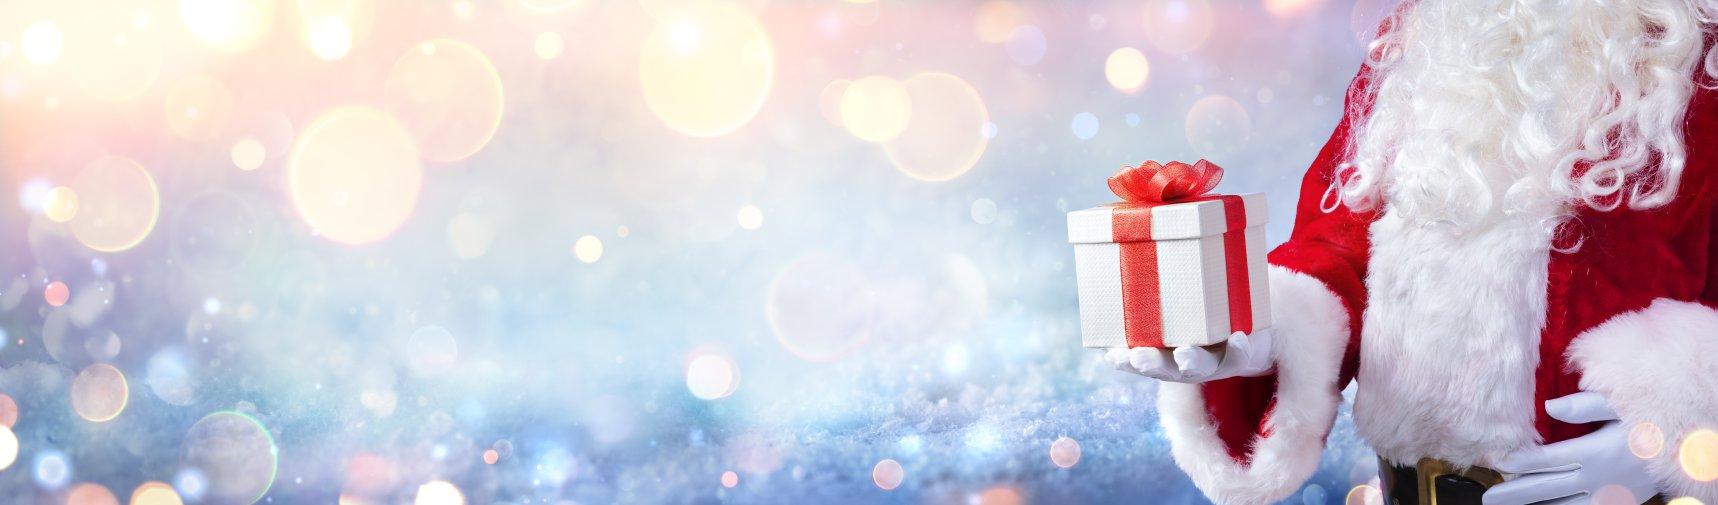 كفرات فيس بوك راس السنه و الكريسماس 7 غلاف فيس بوك رأس السنة و الكريسماس